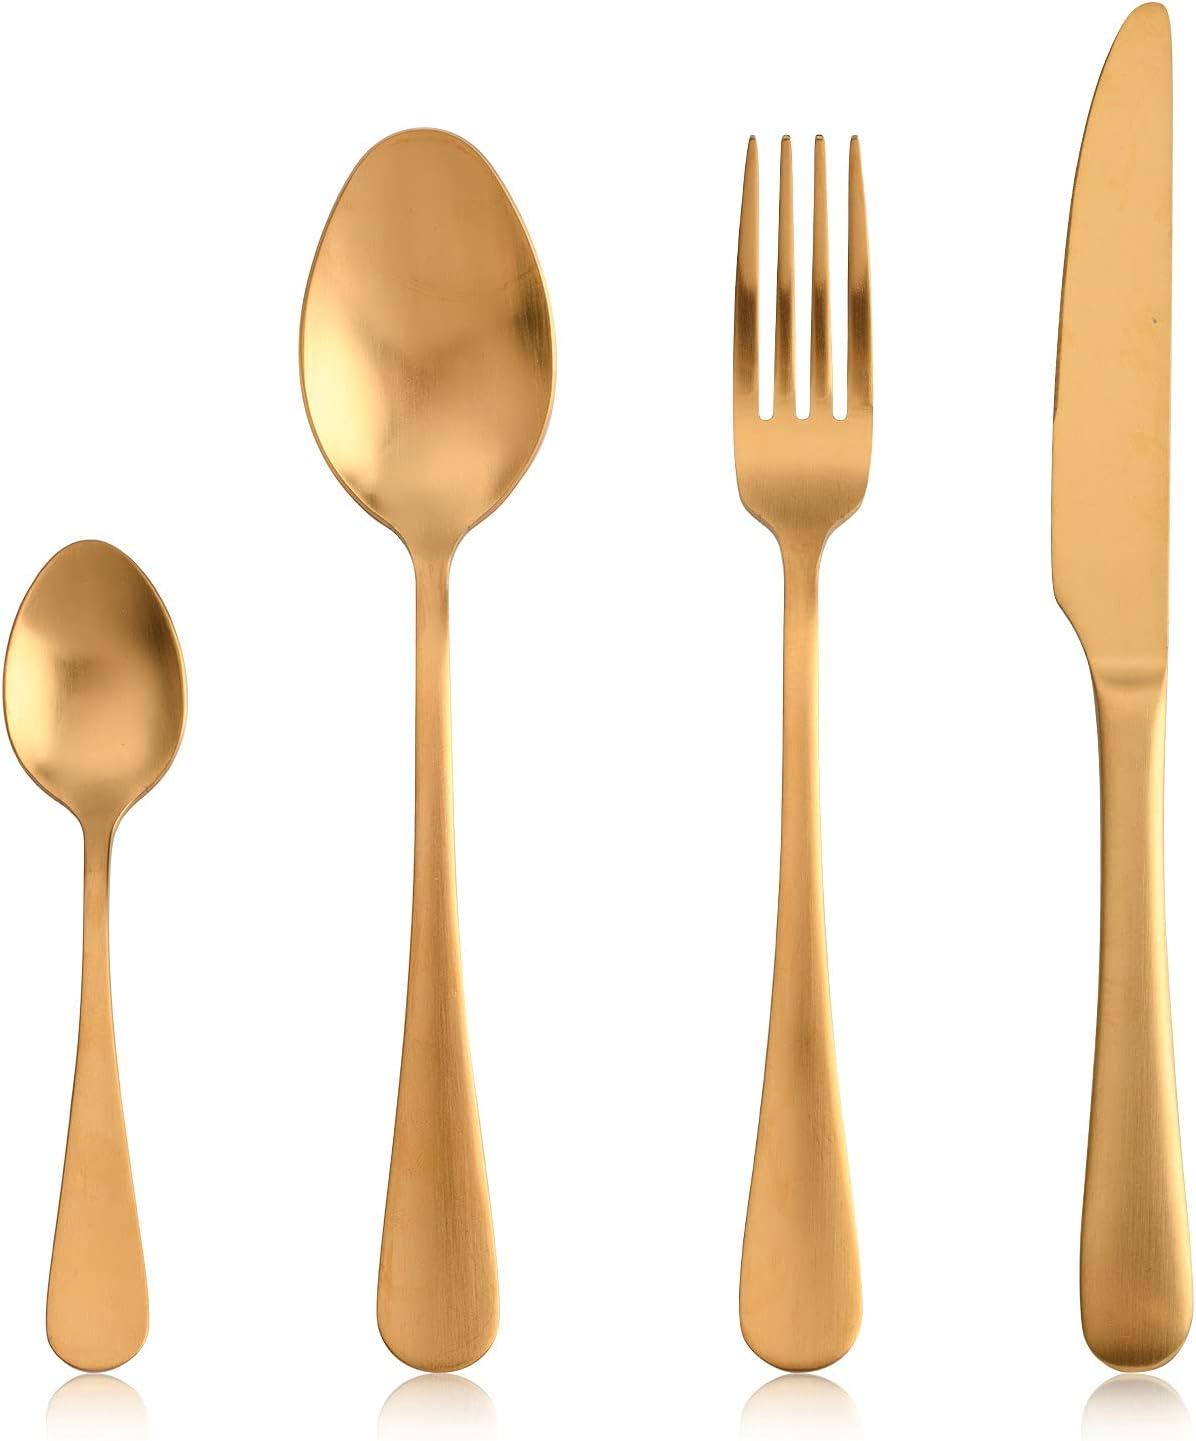 Sharecook - Juego de cubiertos de titanio chapado en oro mate, 24 piezas, cubiertos de acero inoxidable, ideal para el hogar y el restaurante, cubiertos de mesa para 6 lavaplatos, color dorado mate